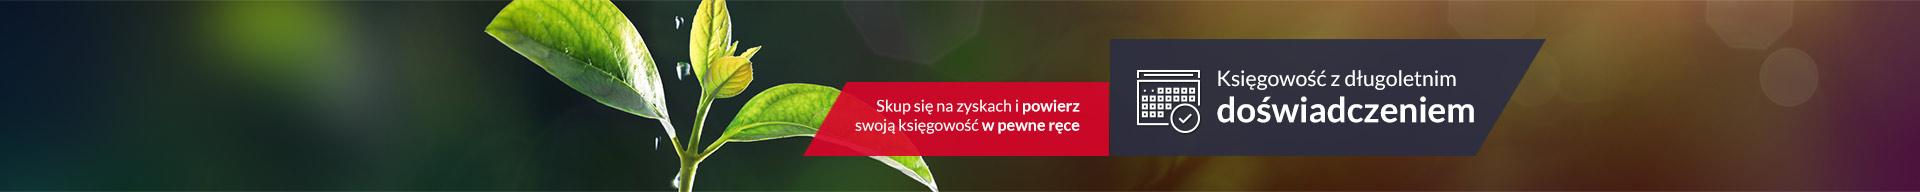 AXIO - Księgowość Wieliczka